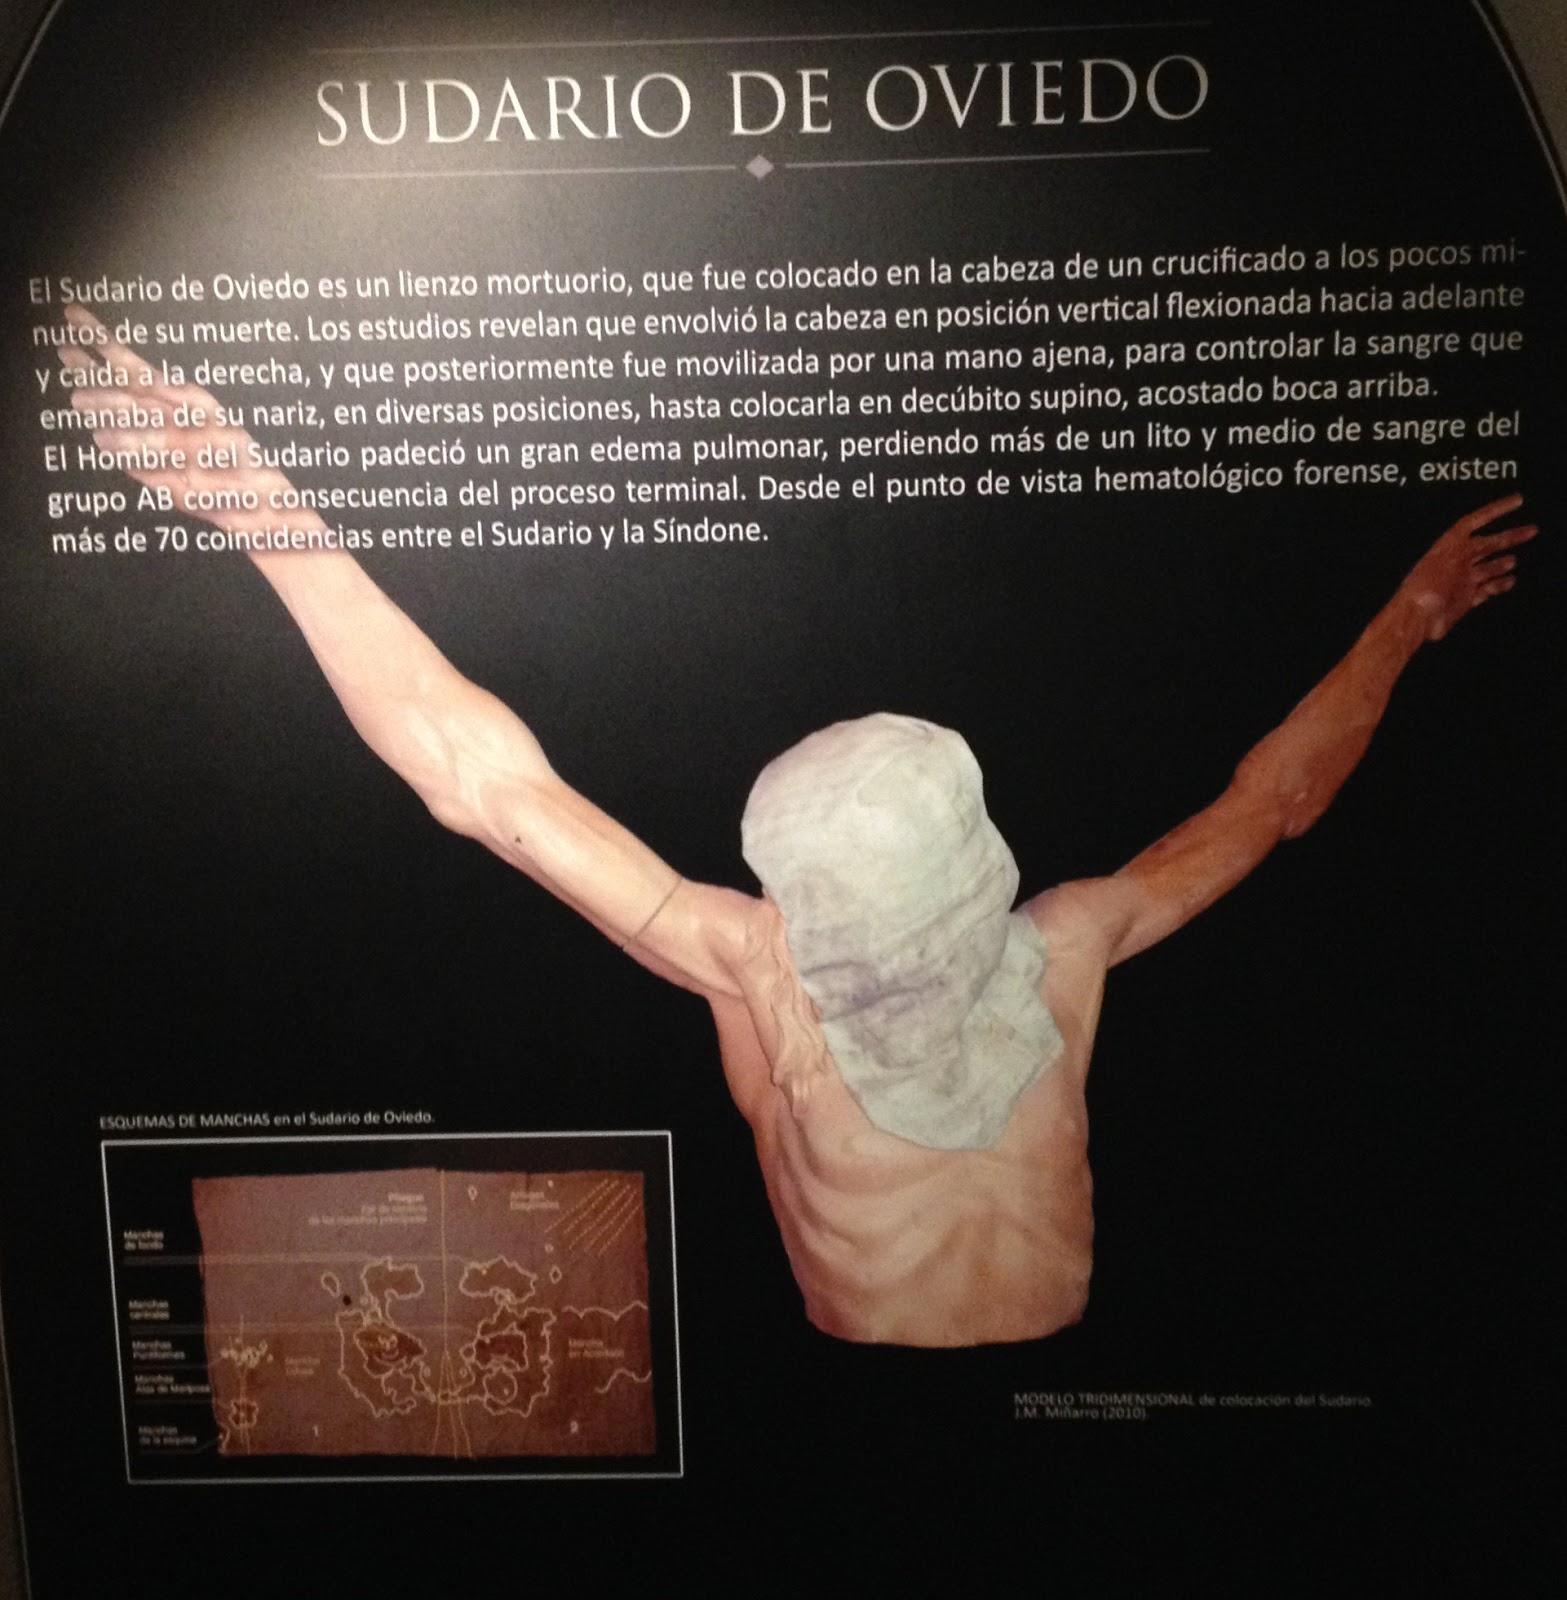 sudarium of oviedo blood type